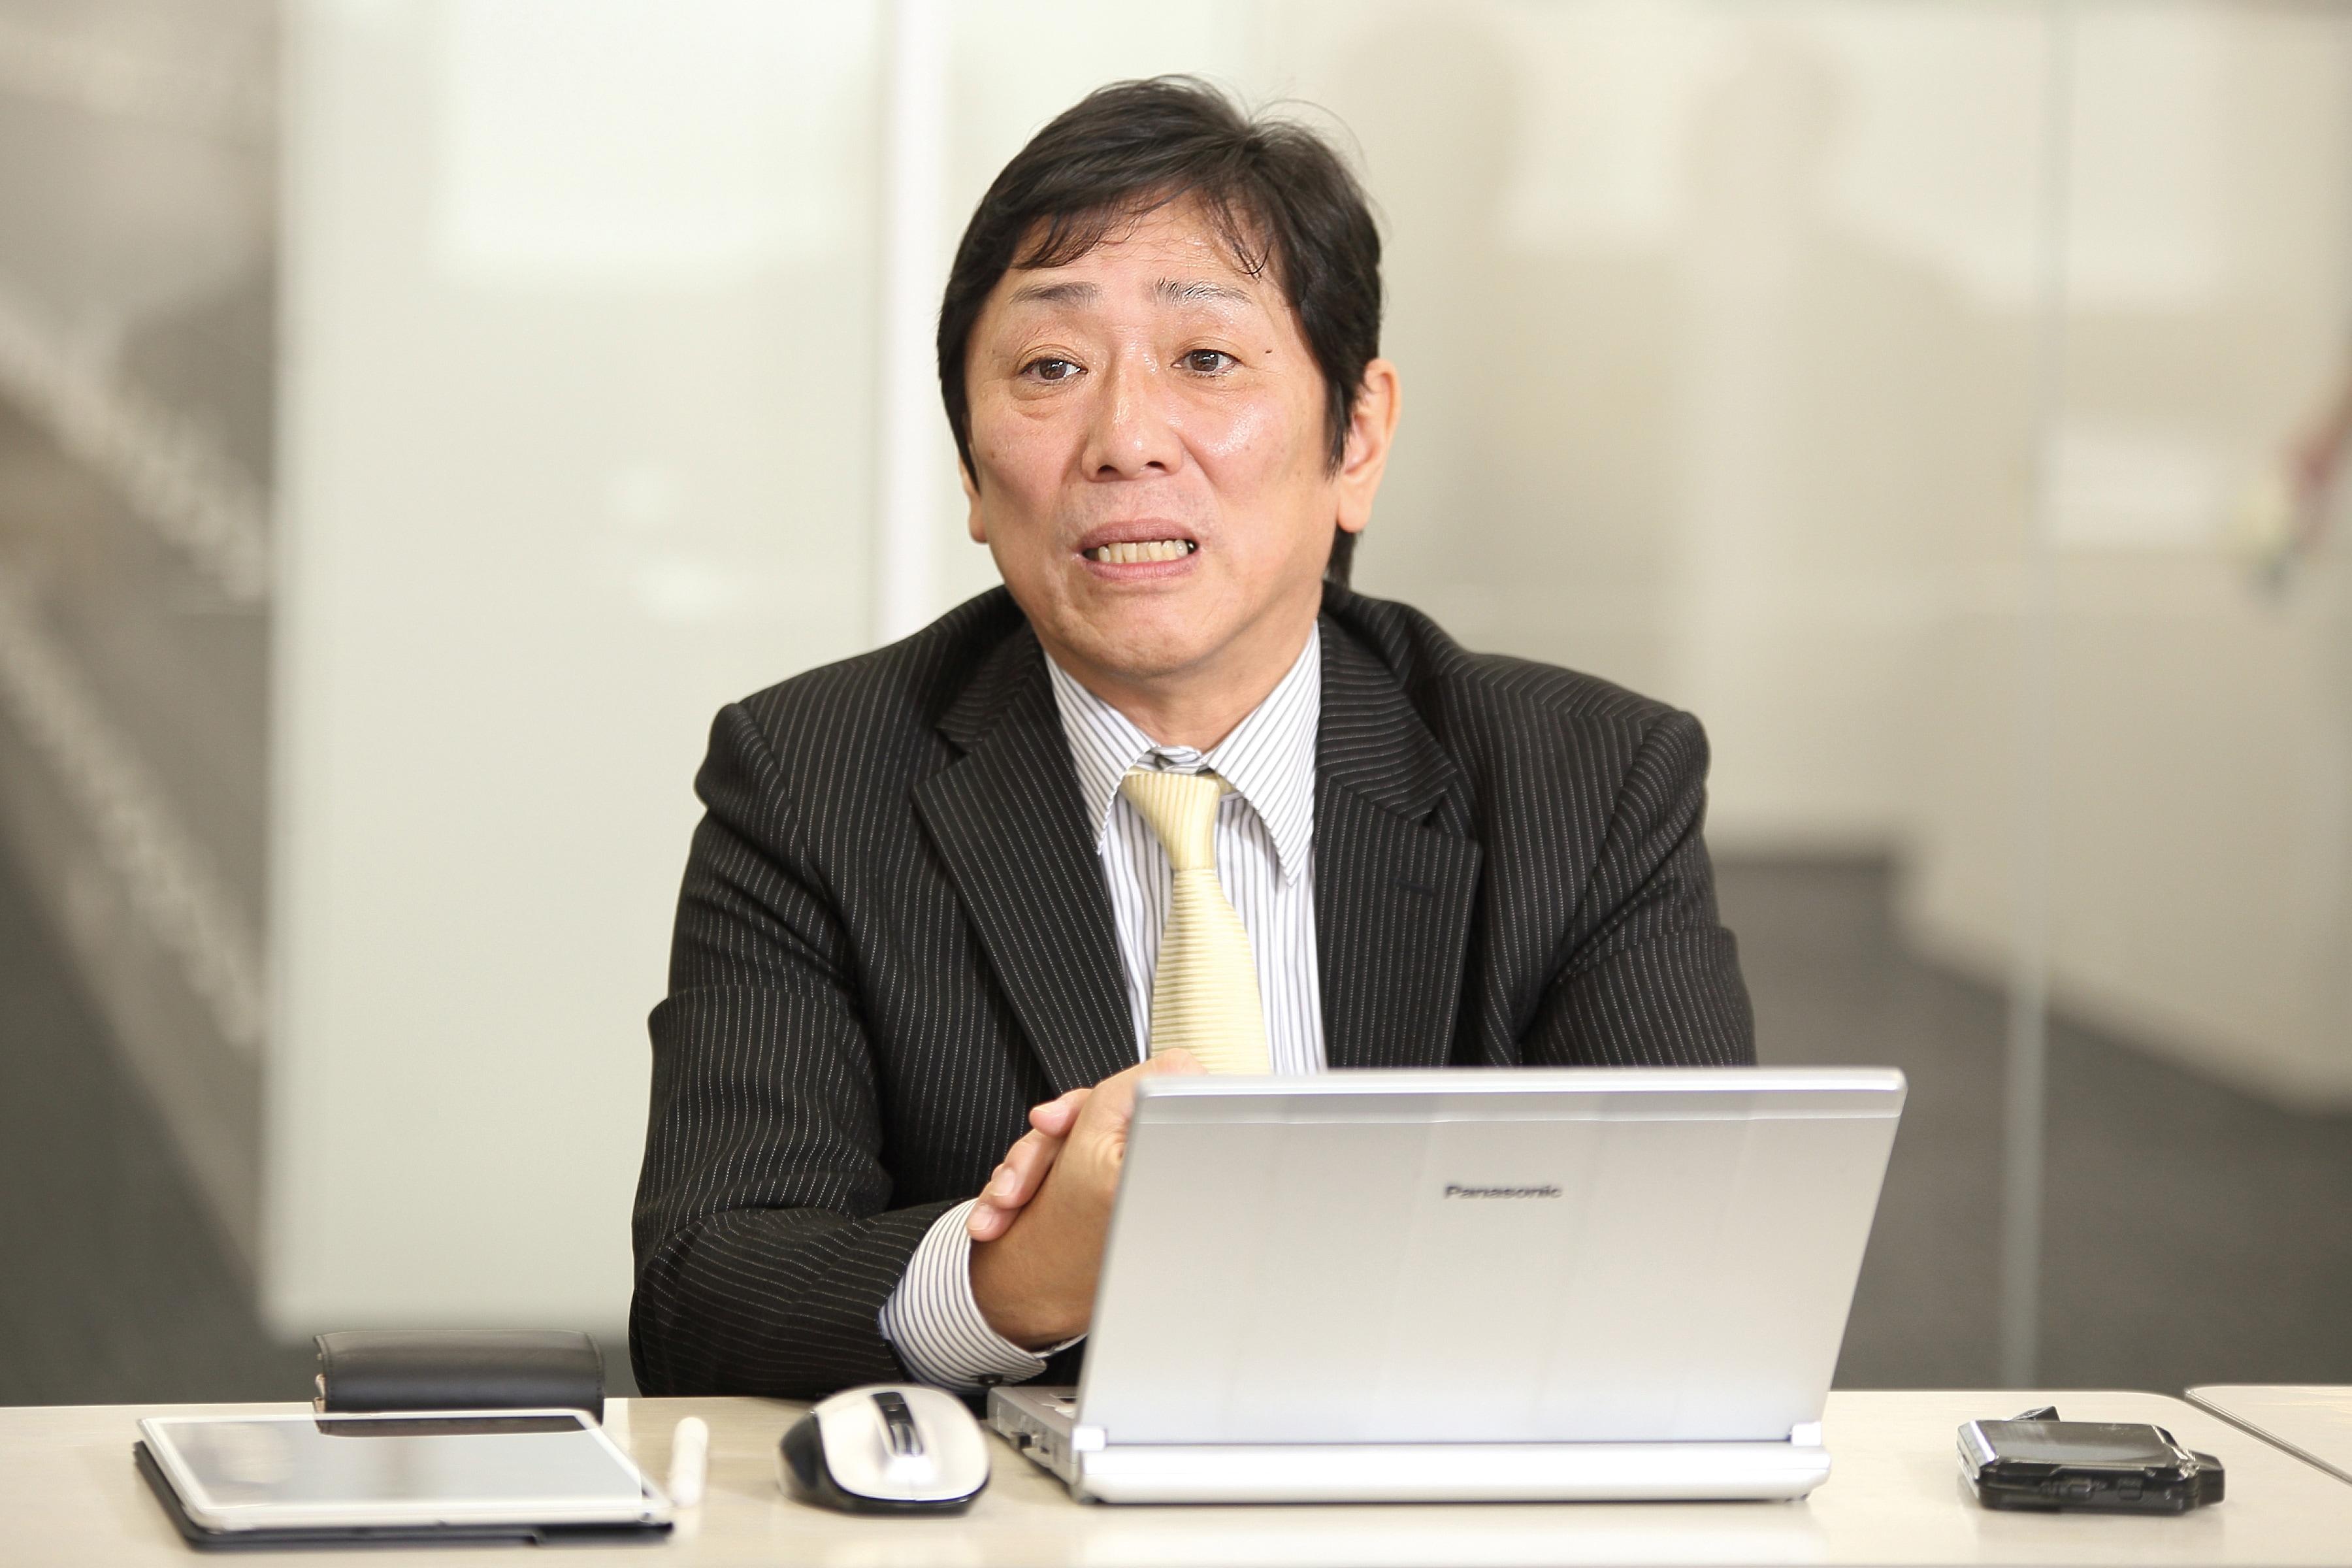 執行役員 研究施設カンパニー プレジデント 松村 勝弘 氏